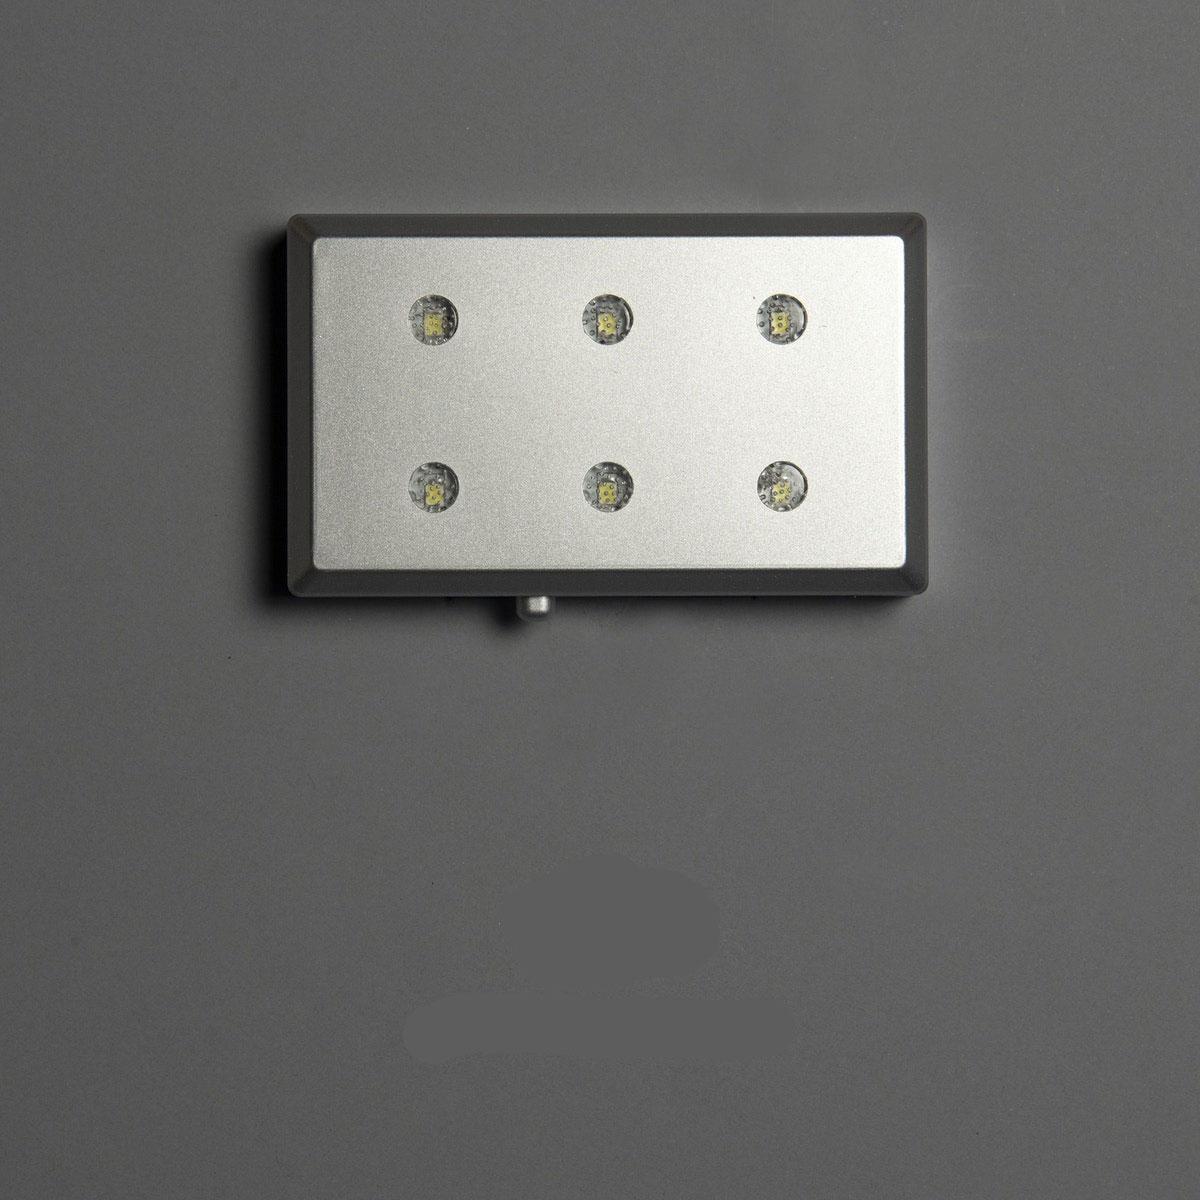 Foto in glas LED opbatterijen 6lampen